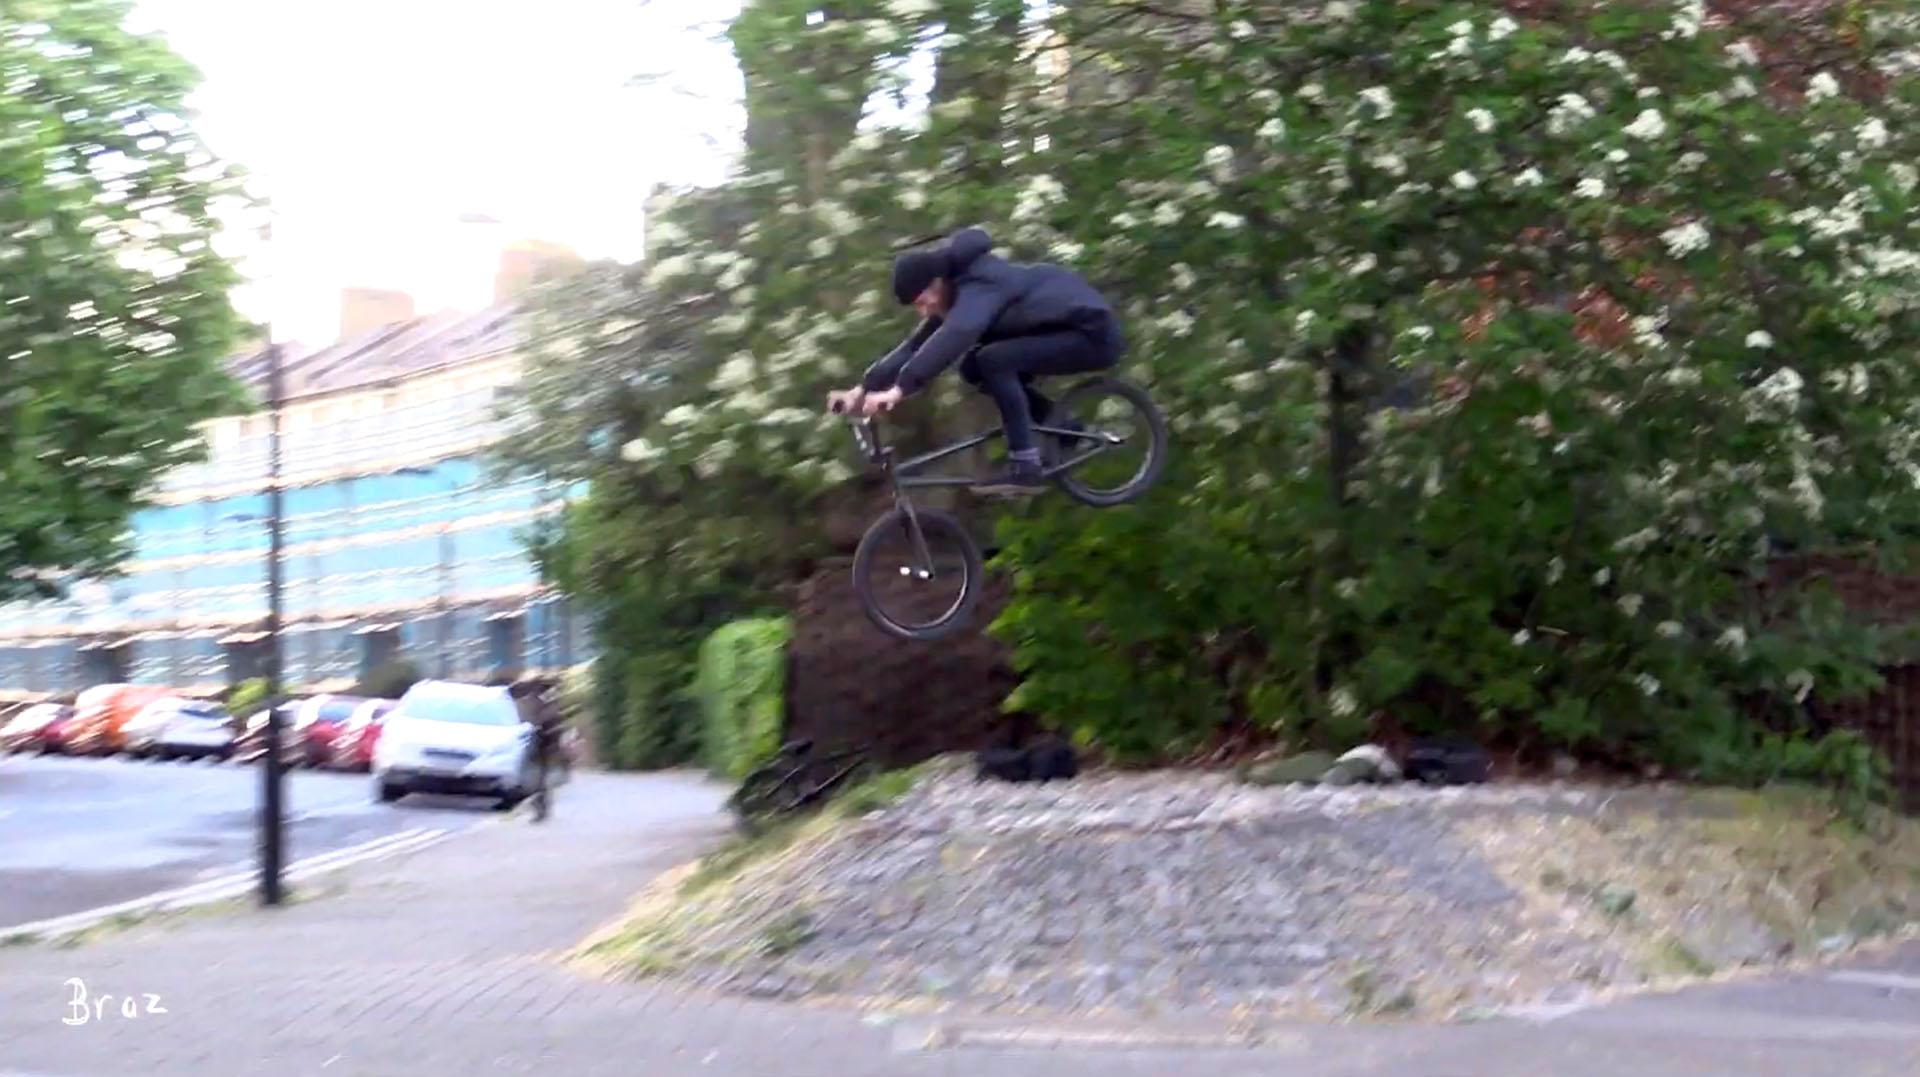 TOM EDGE: TTFN London